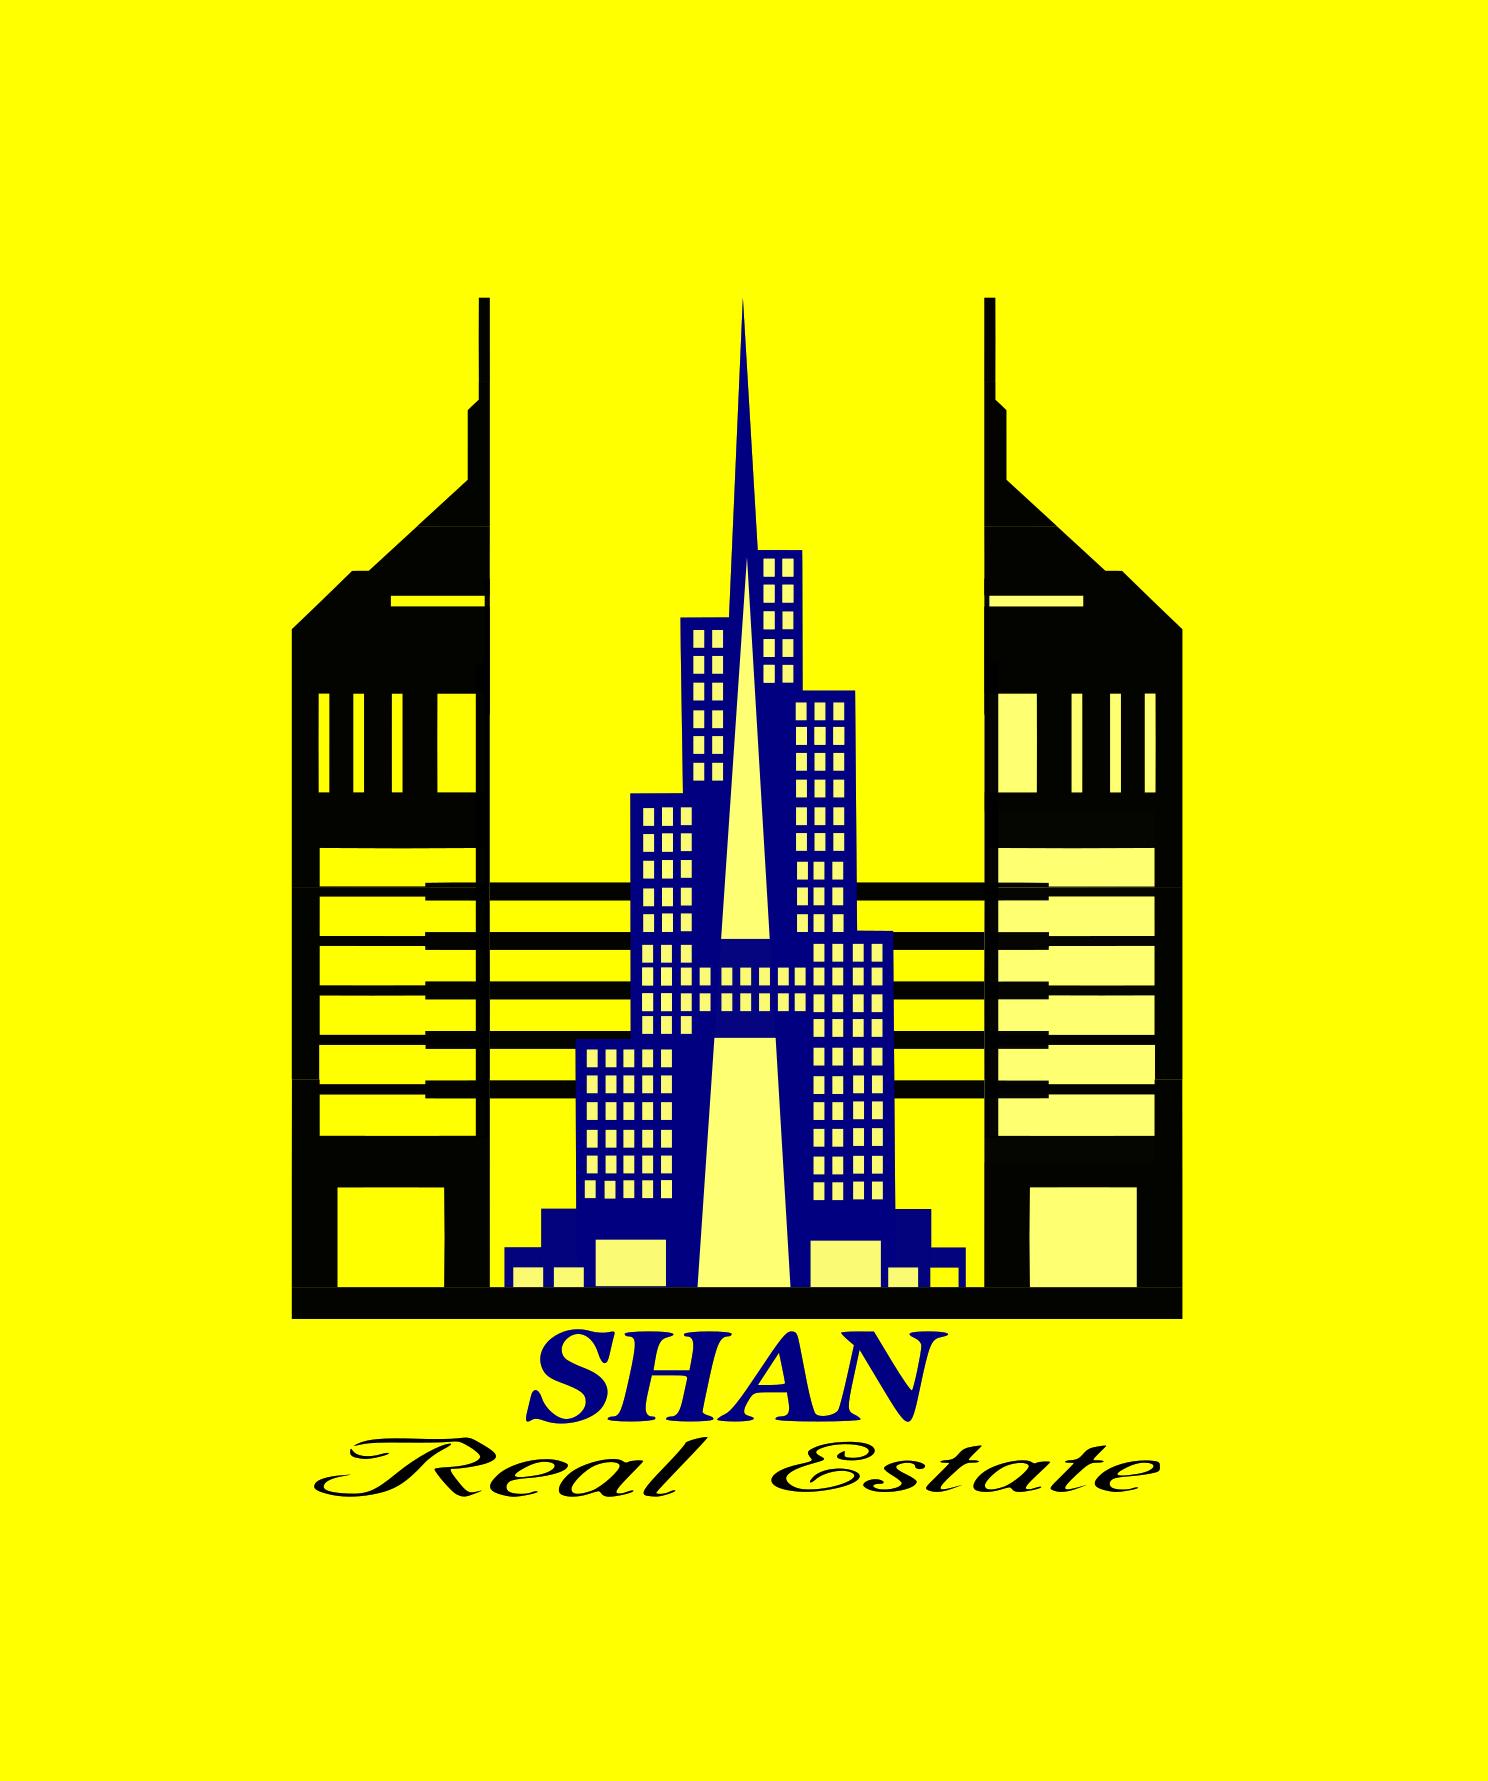 Логотип для агенство недвижемоти ШАН в Эмиратах. фото f_4245b77cce077e28.png